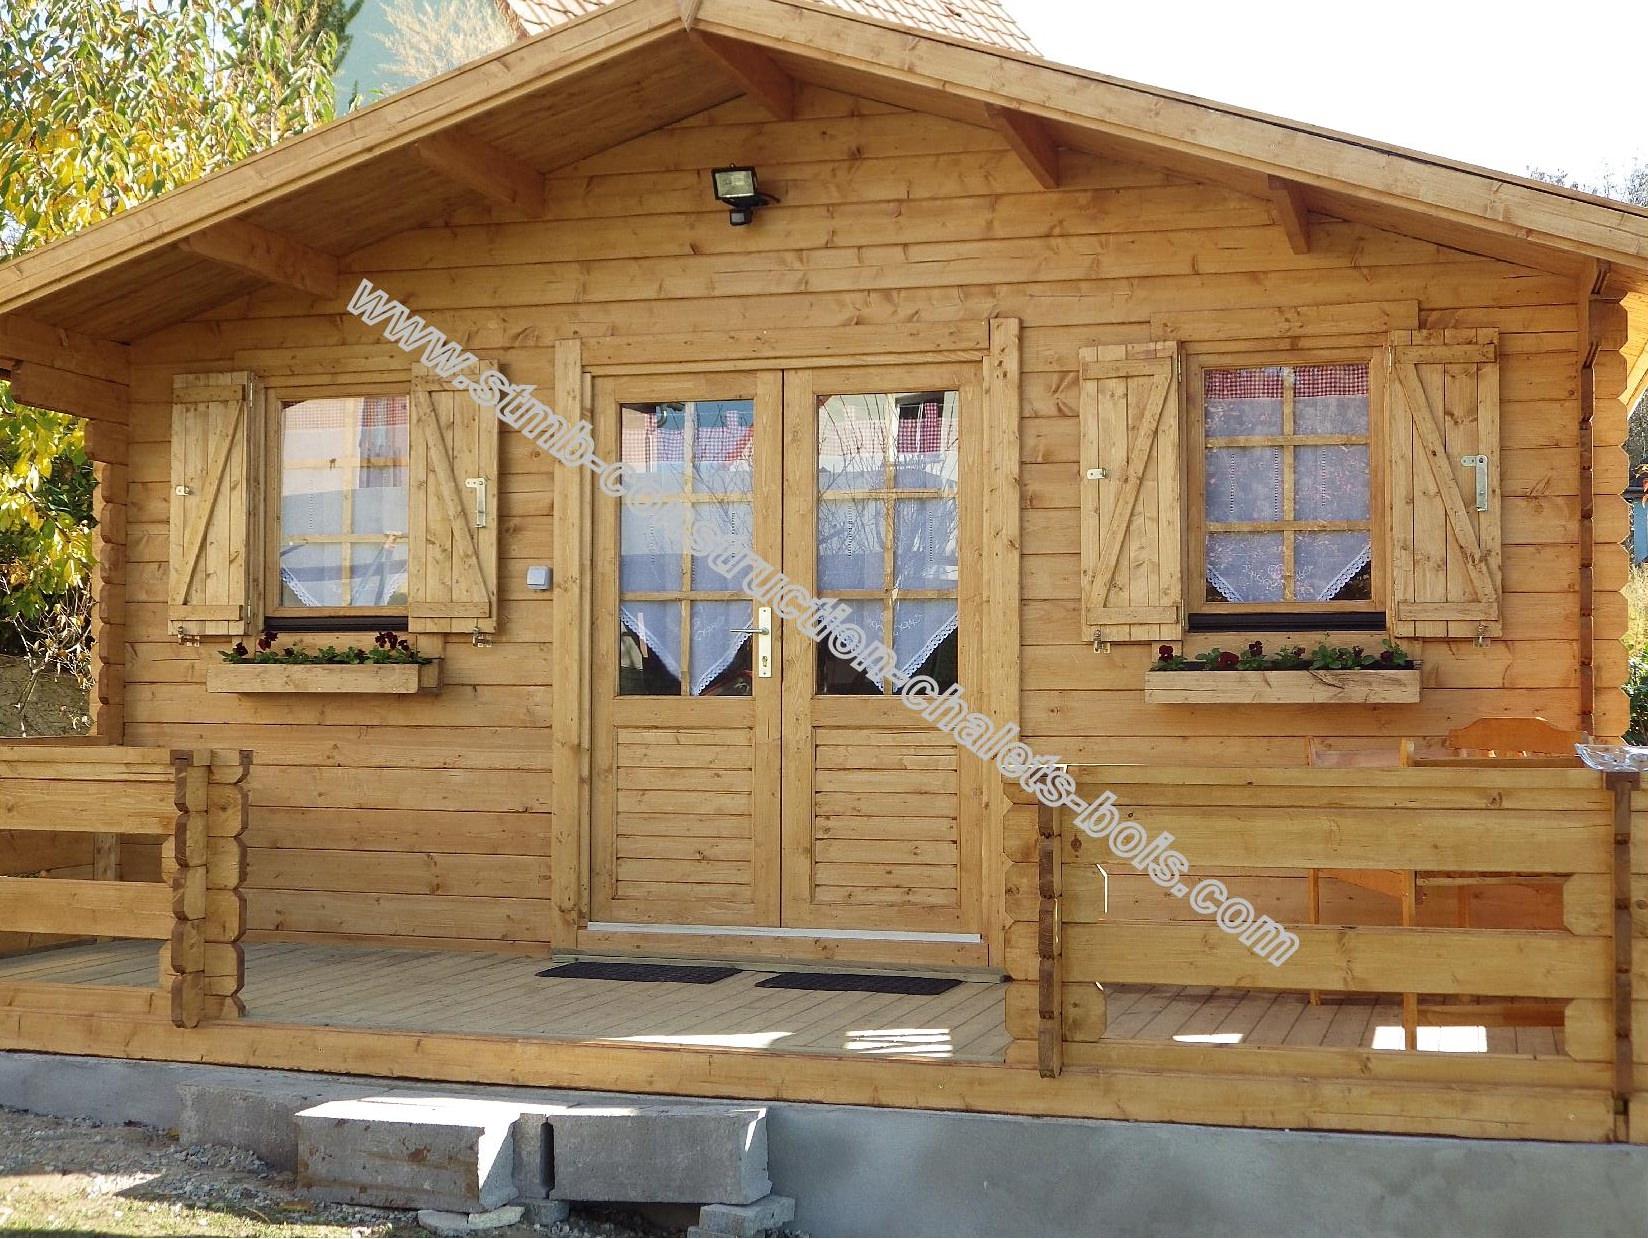 Cabane De Jardin 20M2 | Stmb-Construction-Chalets-Bois concernant Abri De Jardin Bois 20M2